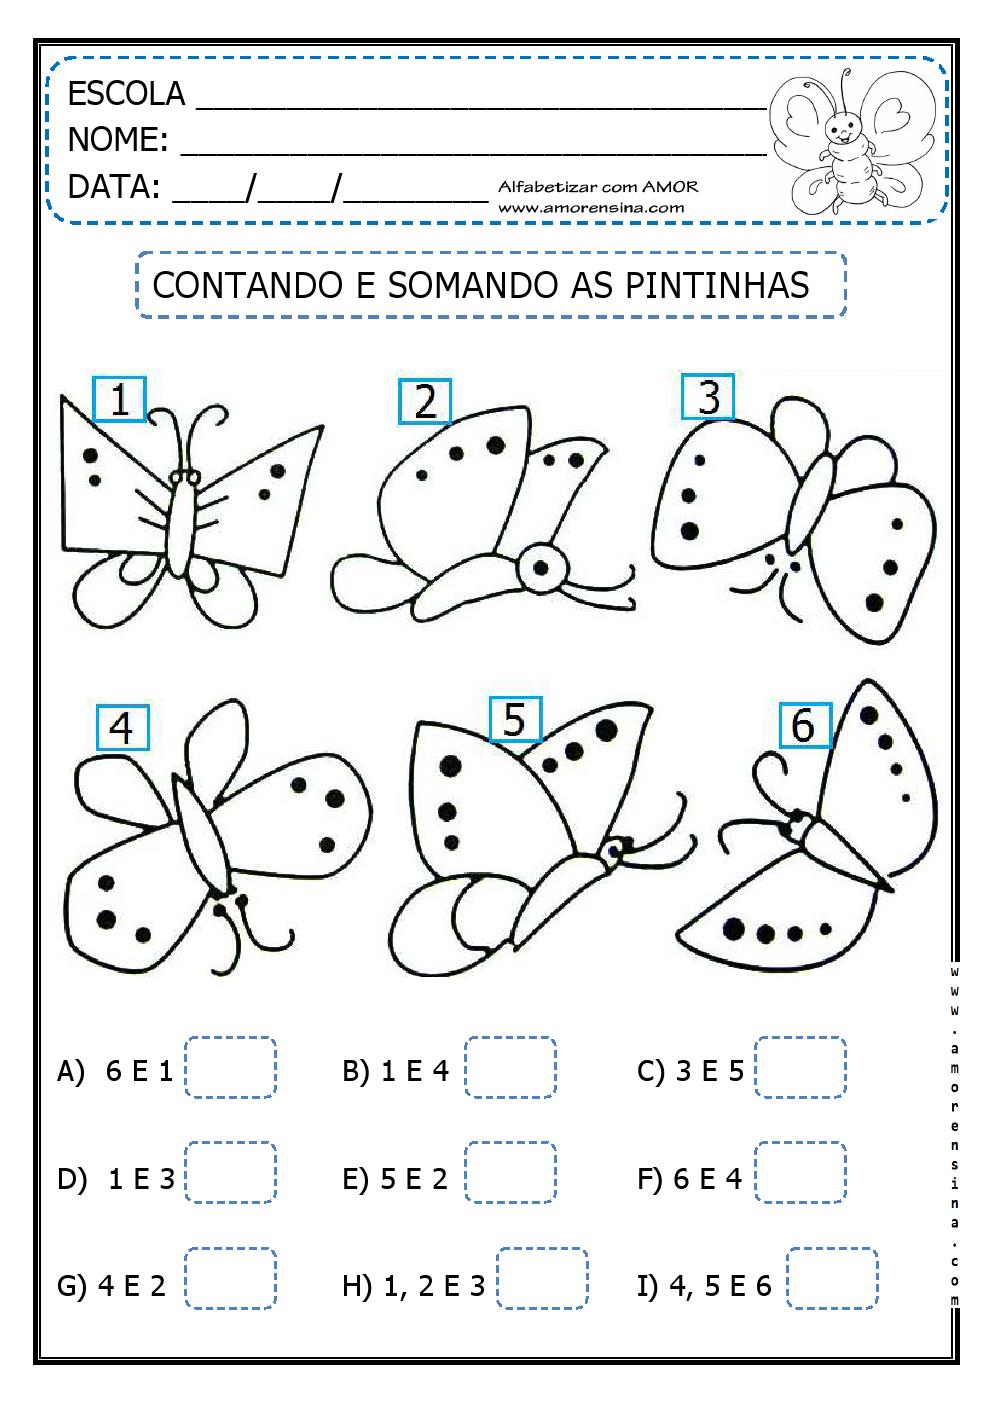 Amado MATEMÁTICA COM BORBOLETAS PARA O 1º ANO ~ Alfabetizar com AMOR EM78